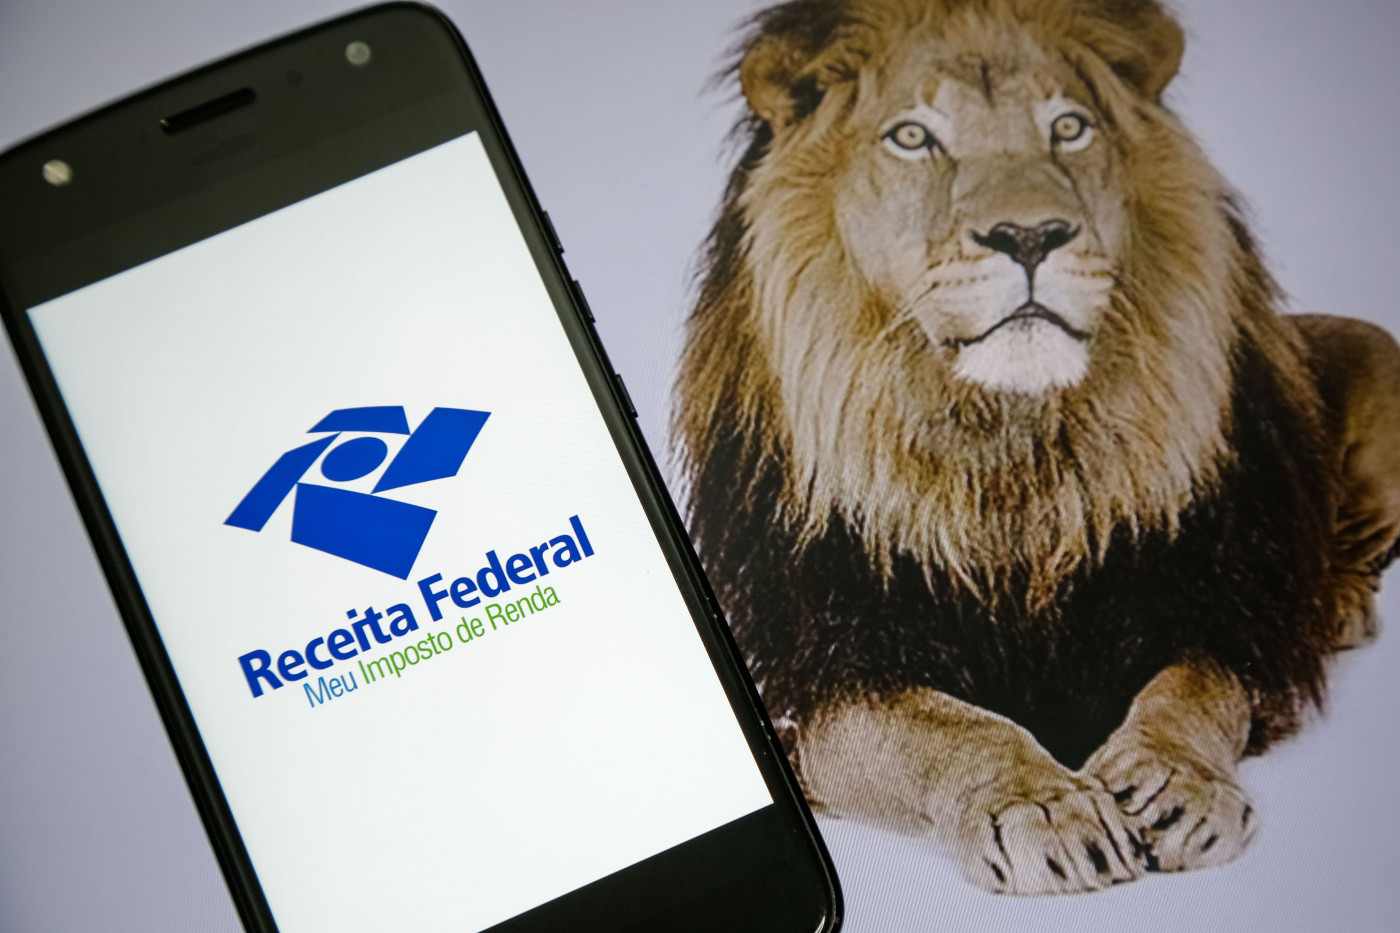 Símbolo da Receita Federal aparece em tela de celular, ao lado um leão